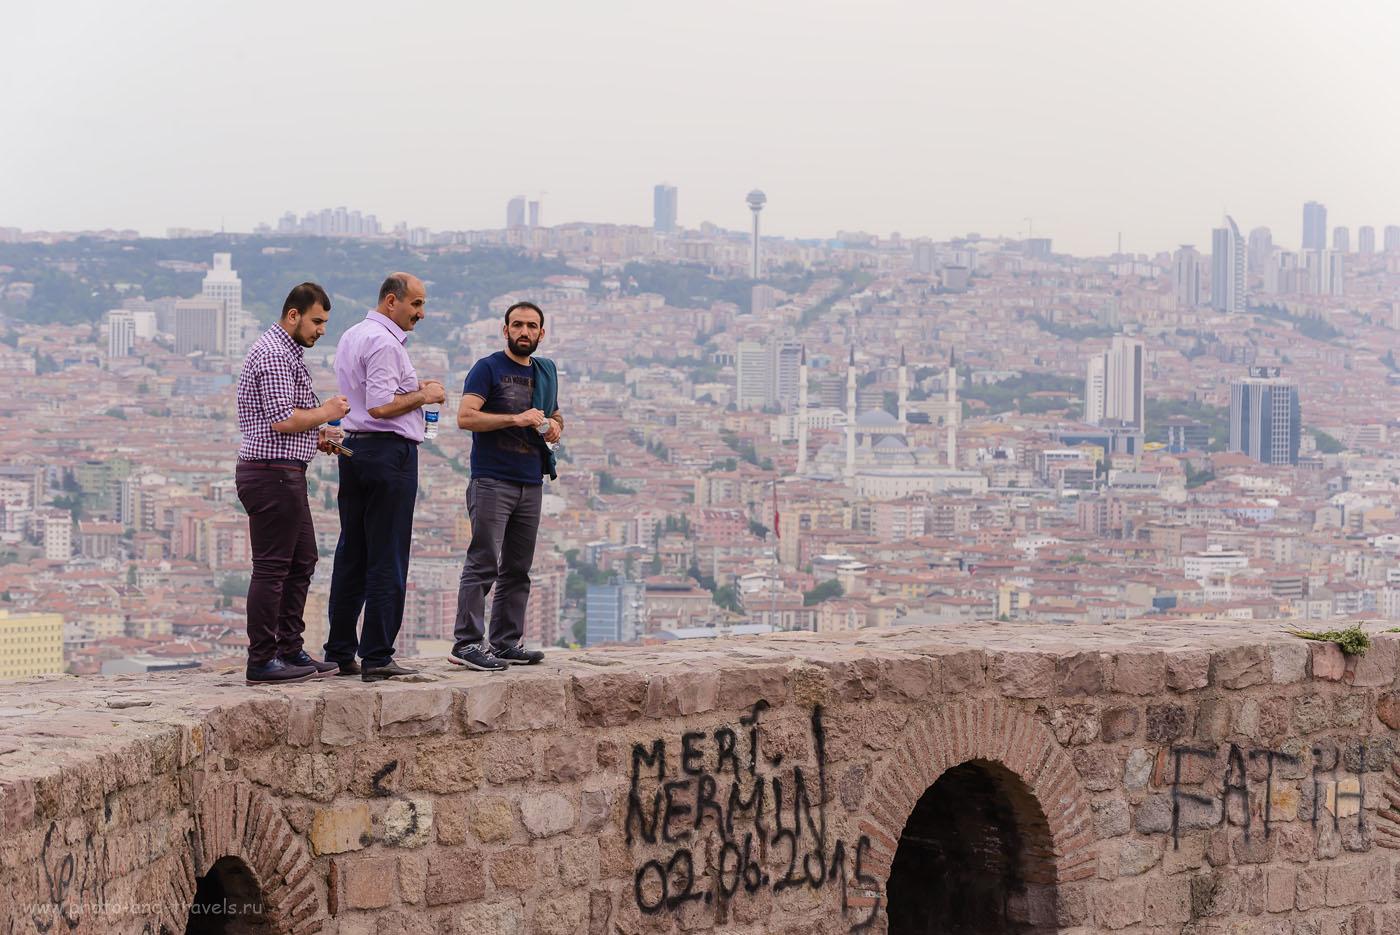 Фотография 27. Экскурсия на крепость в Анкаре.  Какие интересные места можно увидеть во время путешествия по Турции на машине? 1/160, +0,67, 7.1, 500, 102.